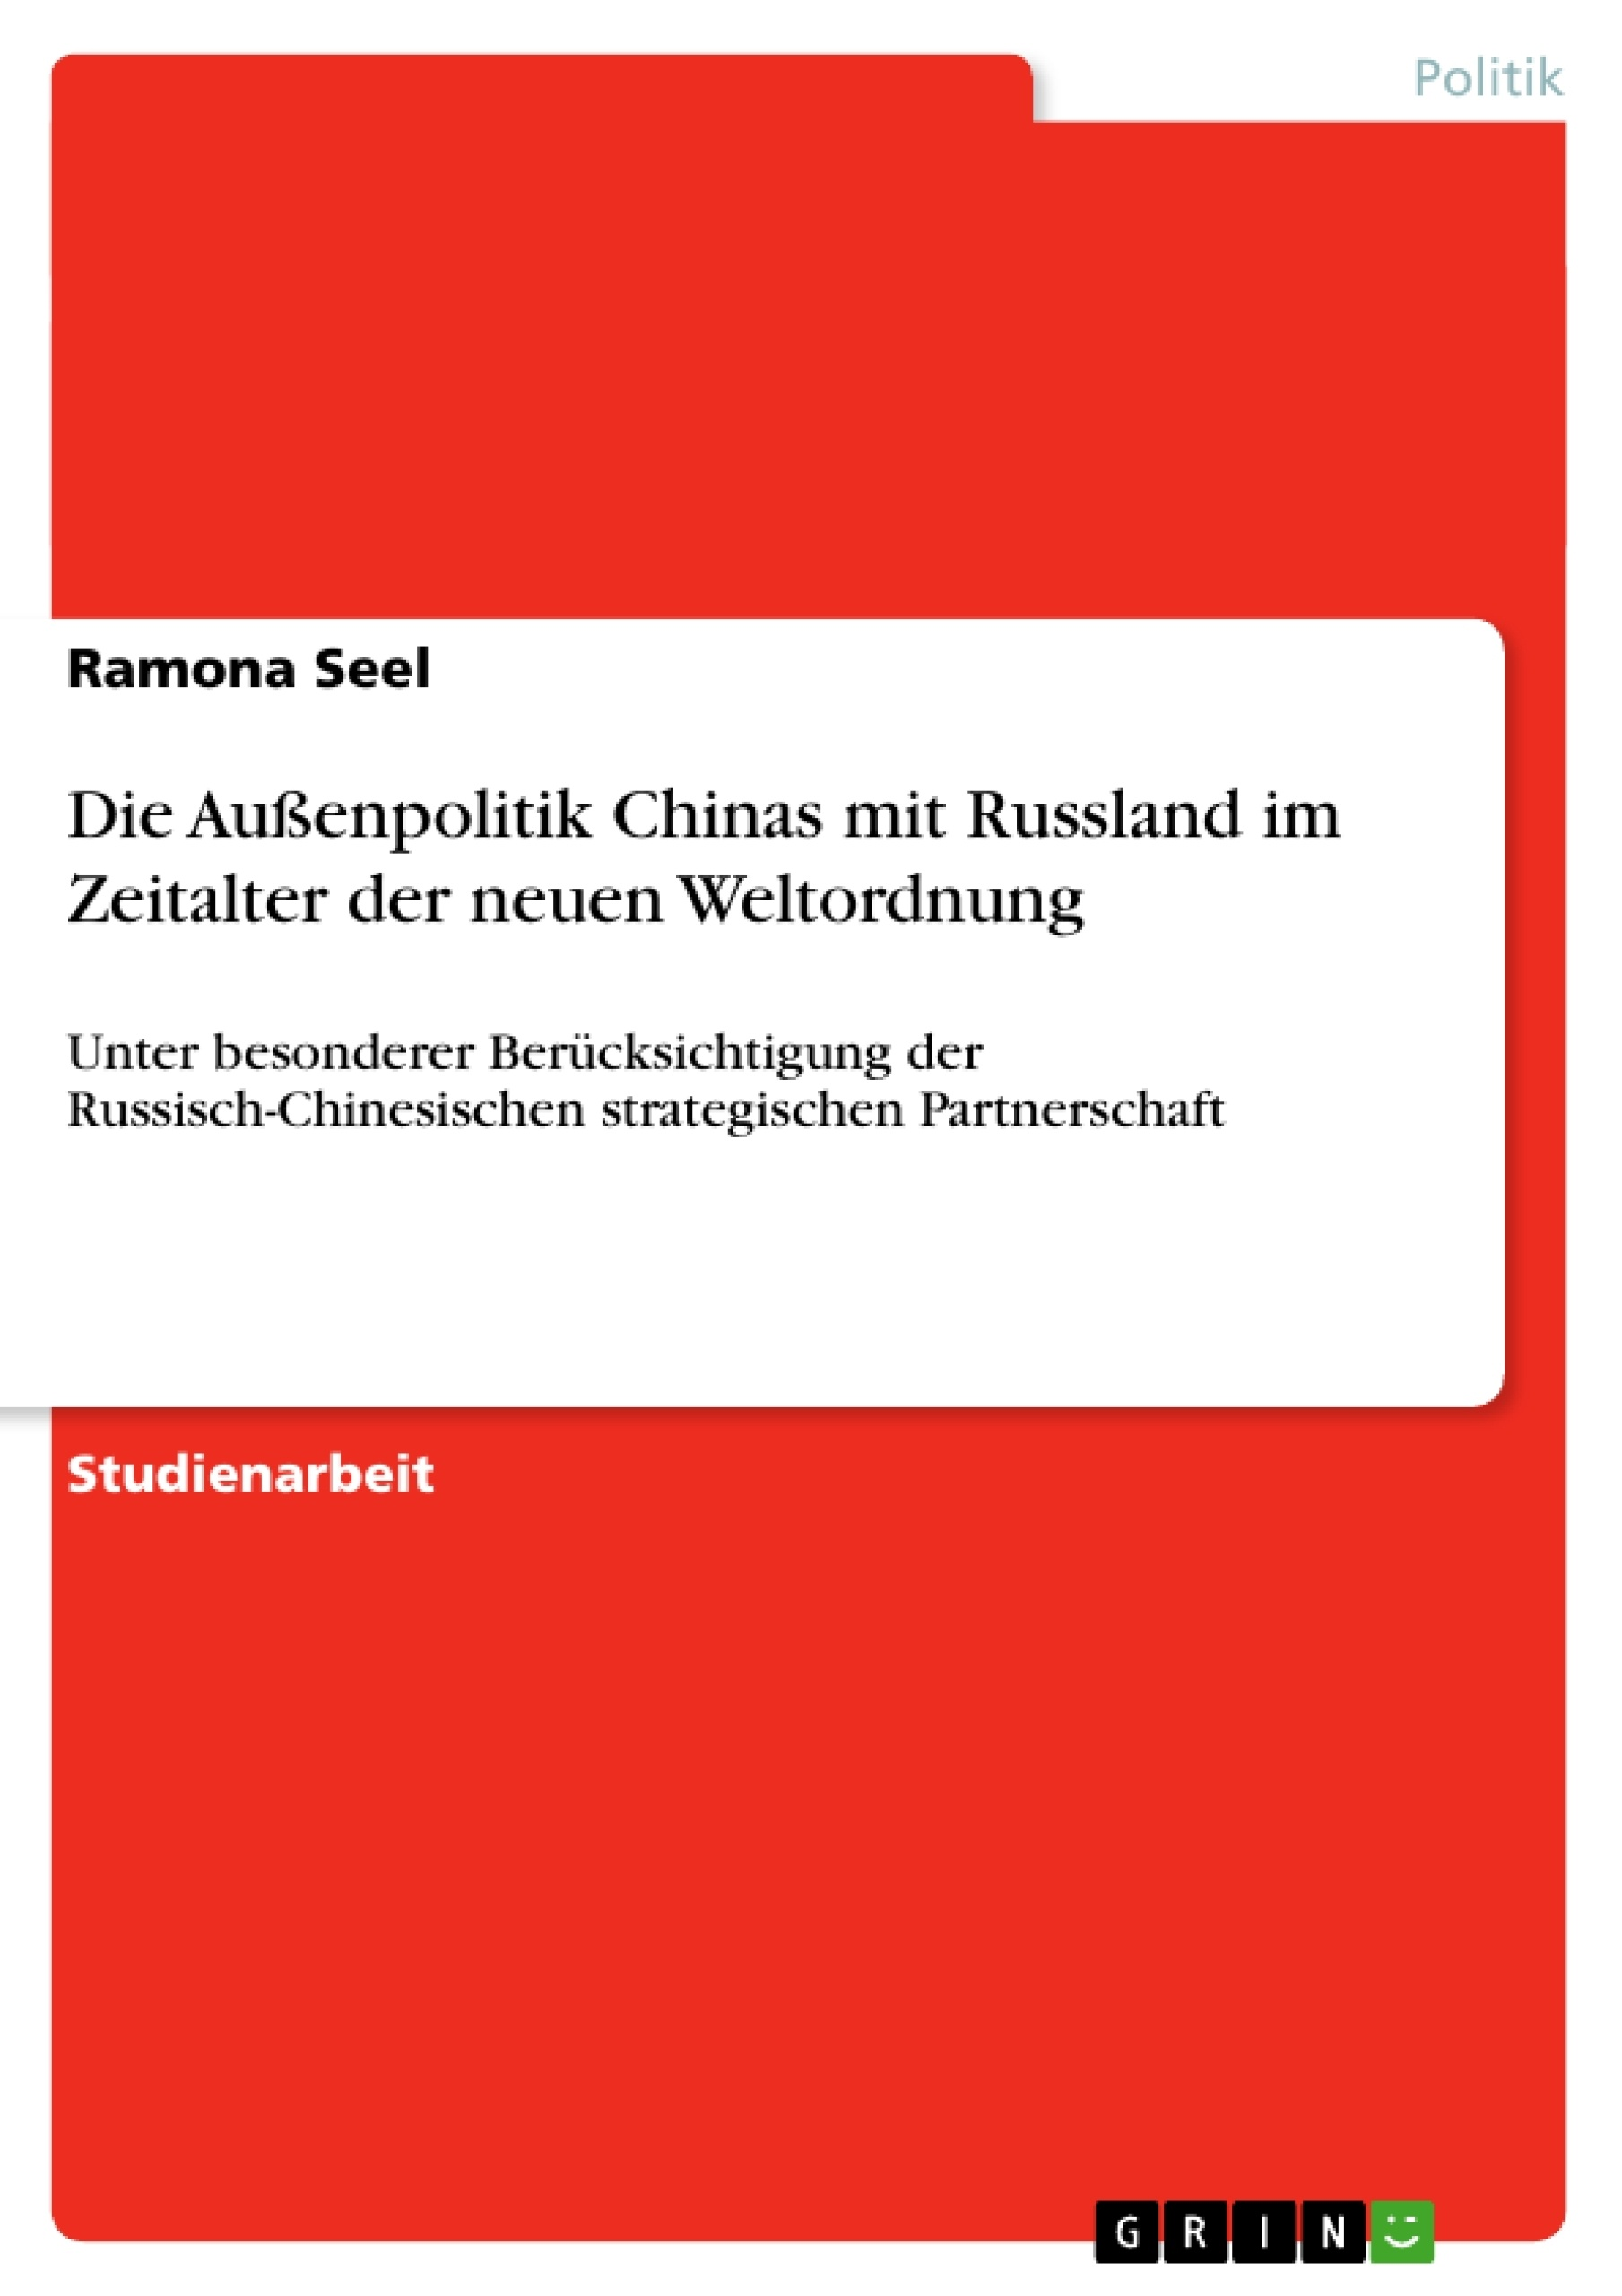 Titel: Die Außenpolitik Chinas mit Russland im Zeitalter der neuen Weltordnung